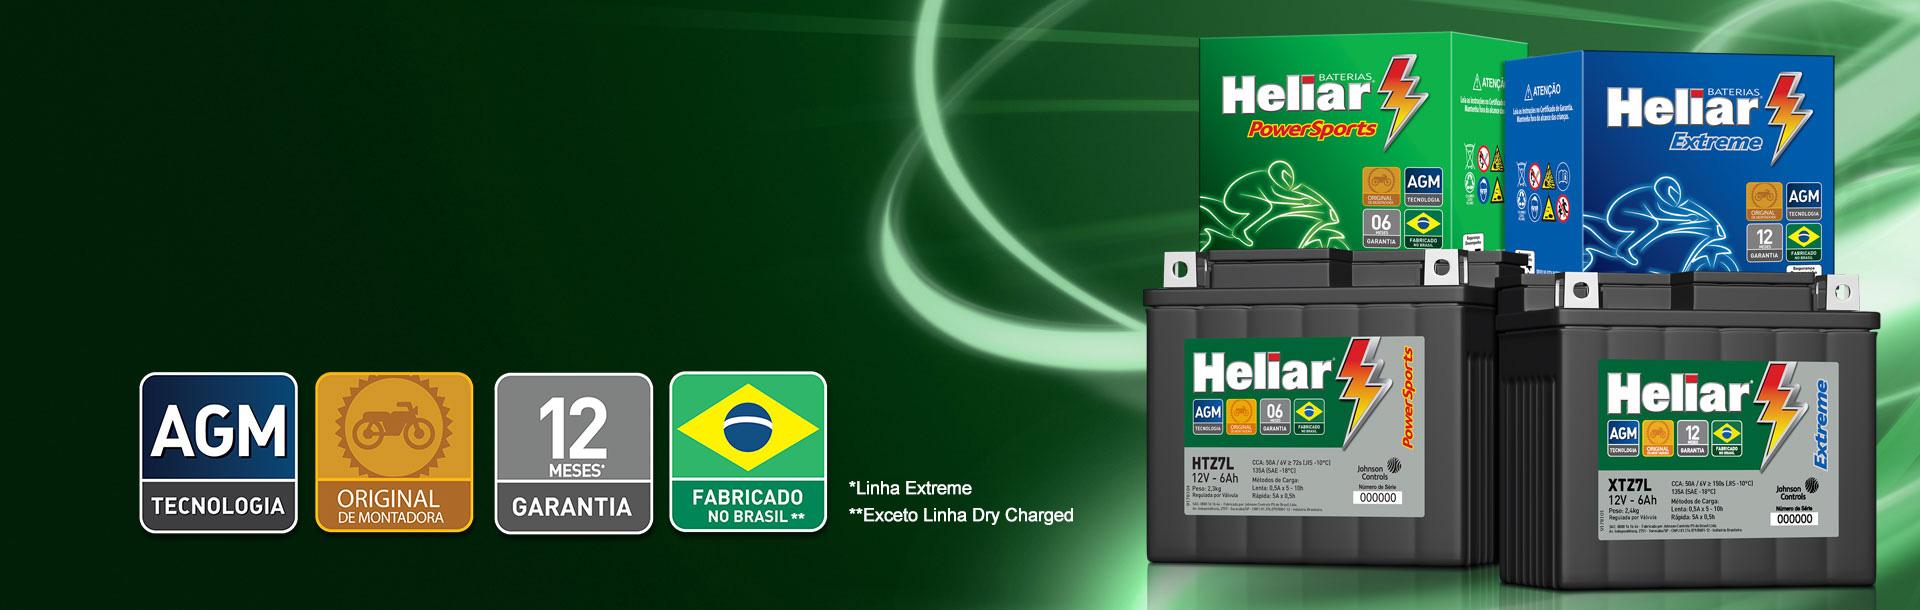 Linha automotiva Baterias Heliar a melhor bateria para seu carro.